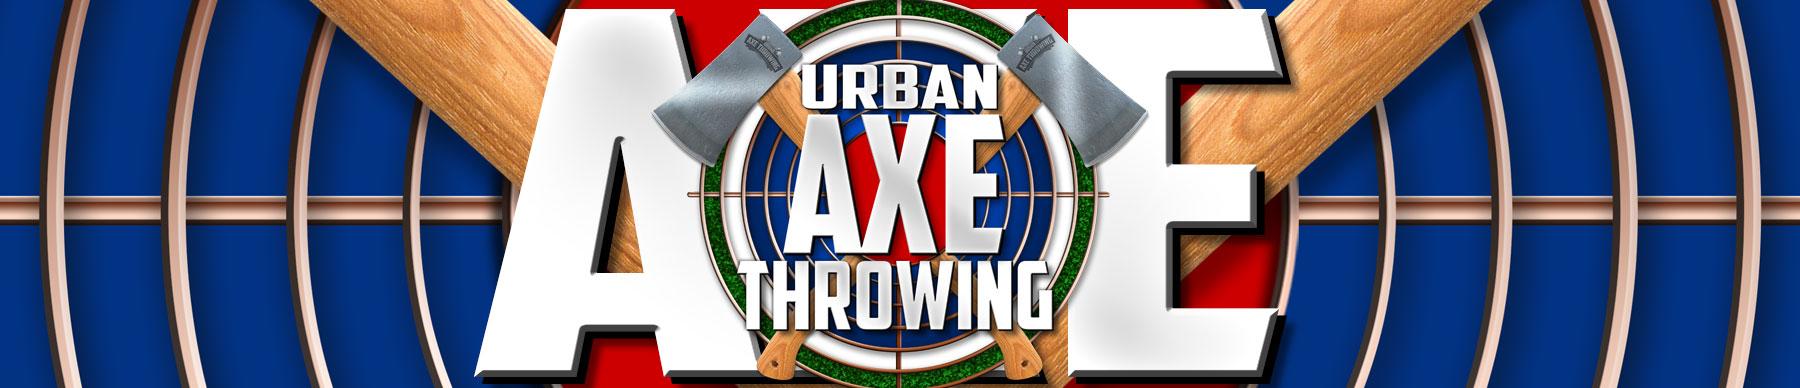 Urban Axe Throwing Delft